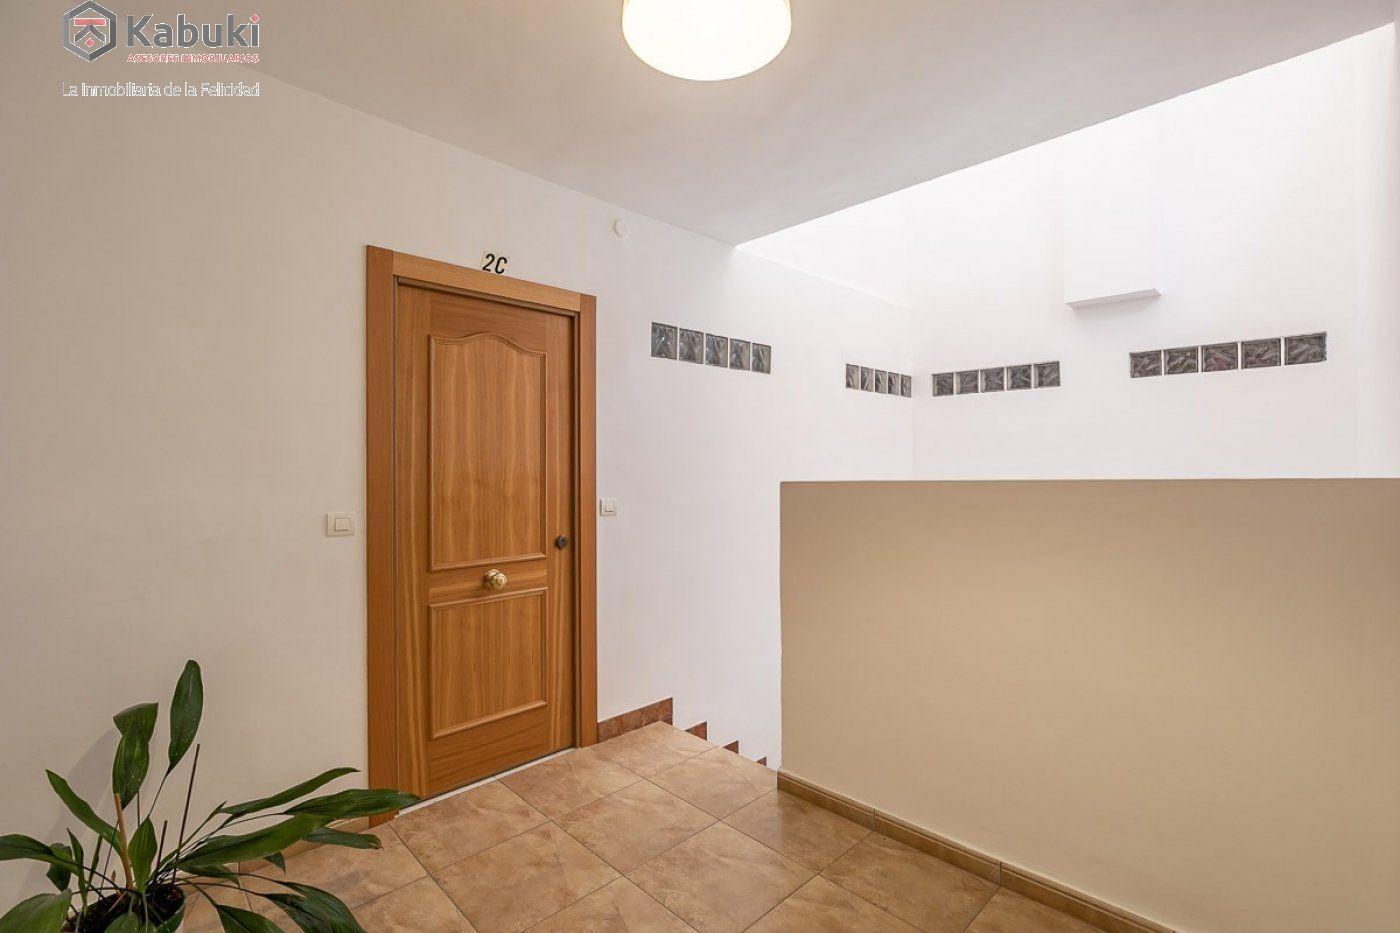 Magnífico apartamento en loja, con 1 dormitorio, un salón cocina y un baño. en perfecto es - imagenInmueble17